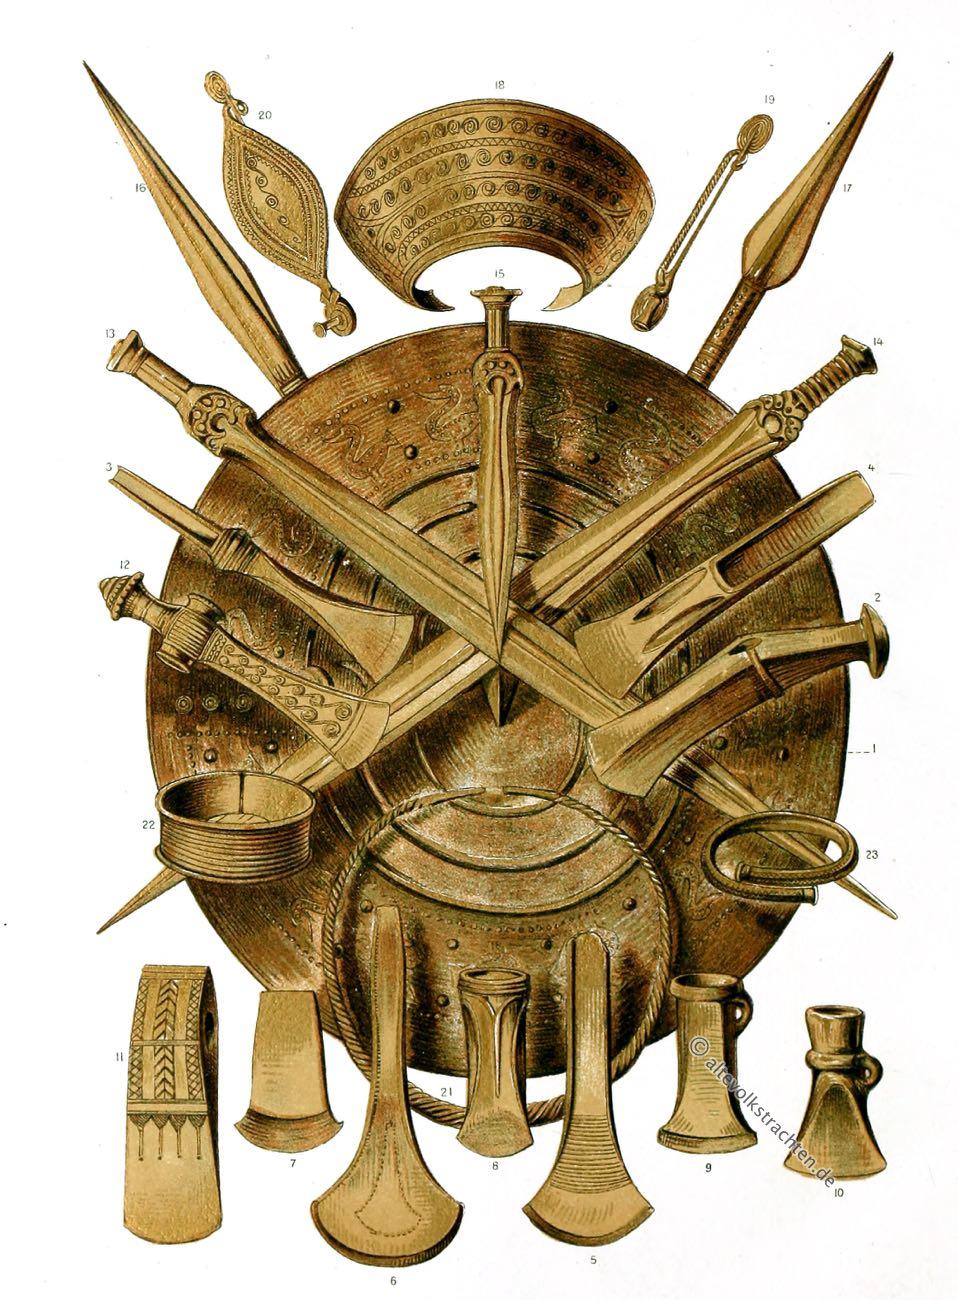 Bronzezeit, Waffen, Geräte, Schmuck, Skandinavien, Steinaxt, Schaftcelte, Hohlcelte, Bronzeschwerter, Bronzeäxte